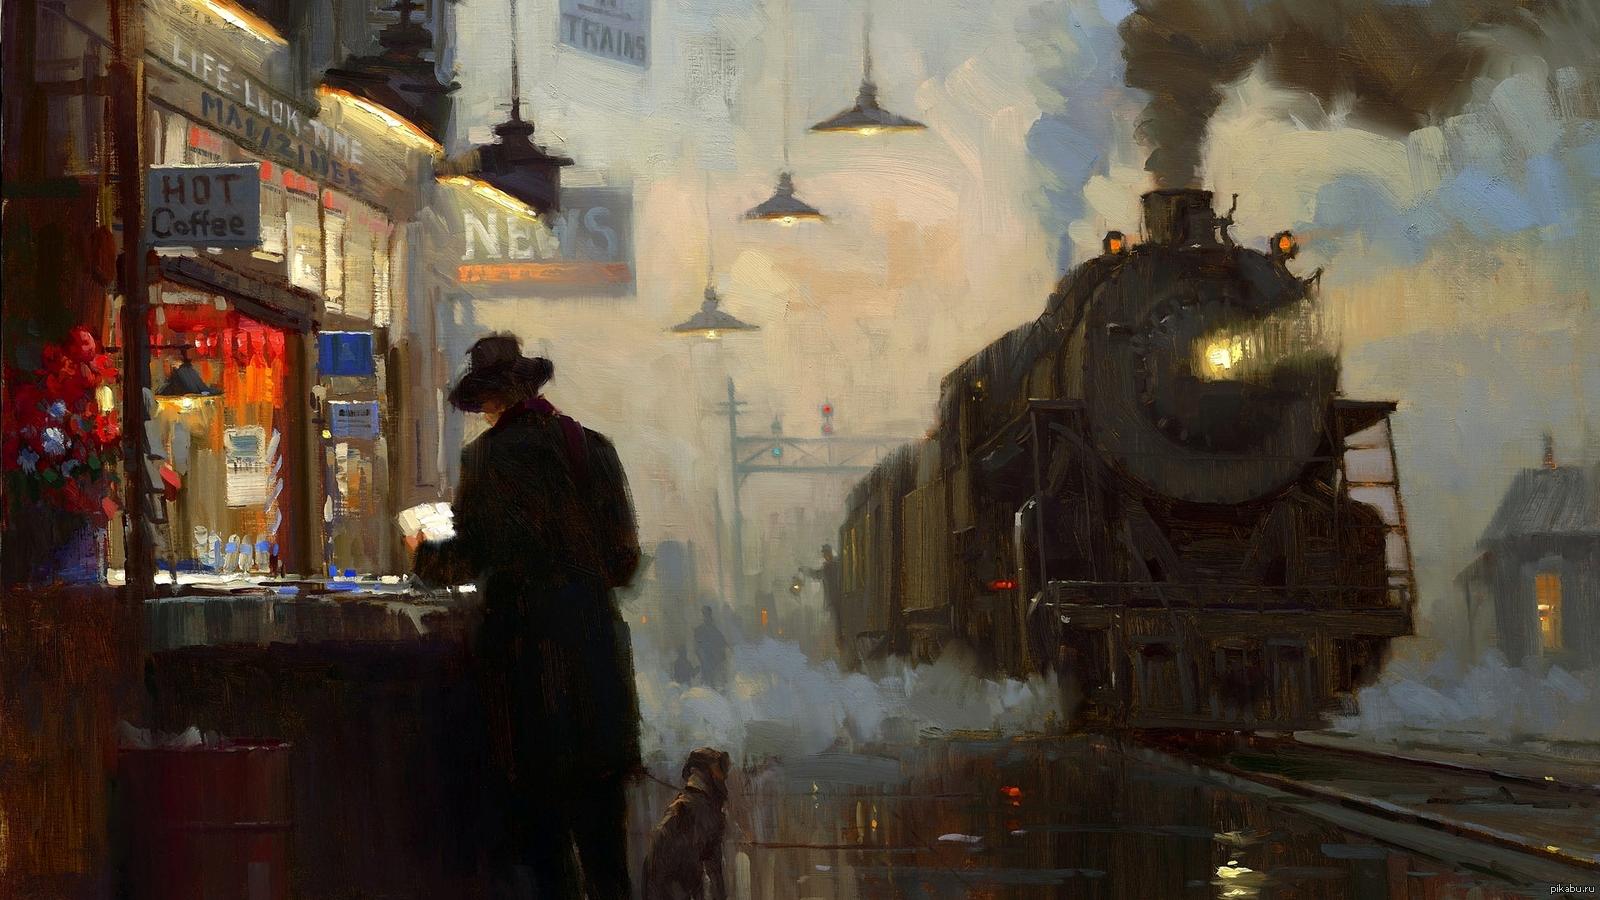 стивидорная компания картинки на тему вокзал поезд перрон неисправность передней